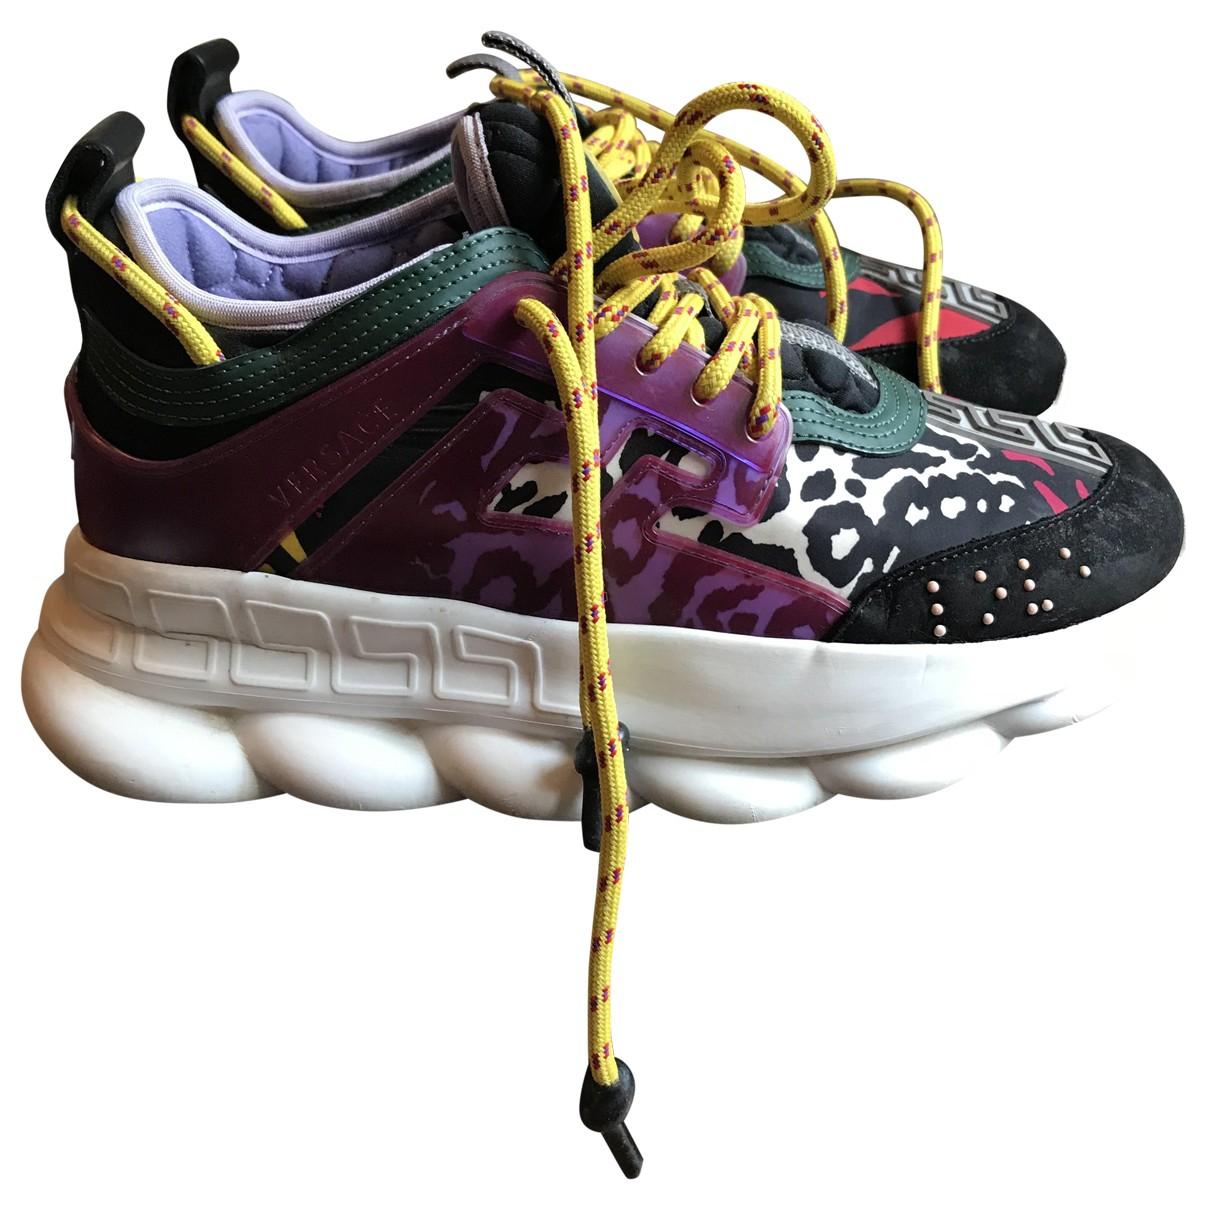 Versace - Baskets Chain Reaction pour femme - multicolore